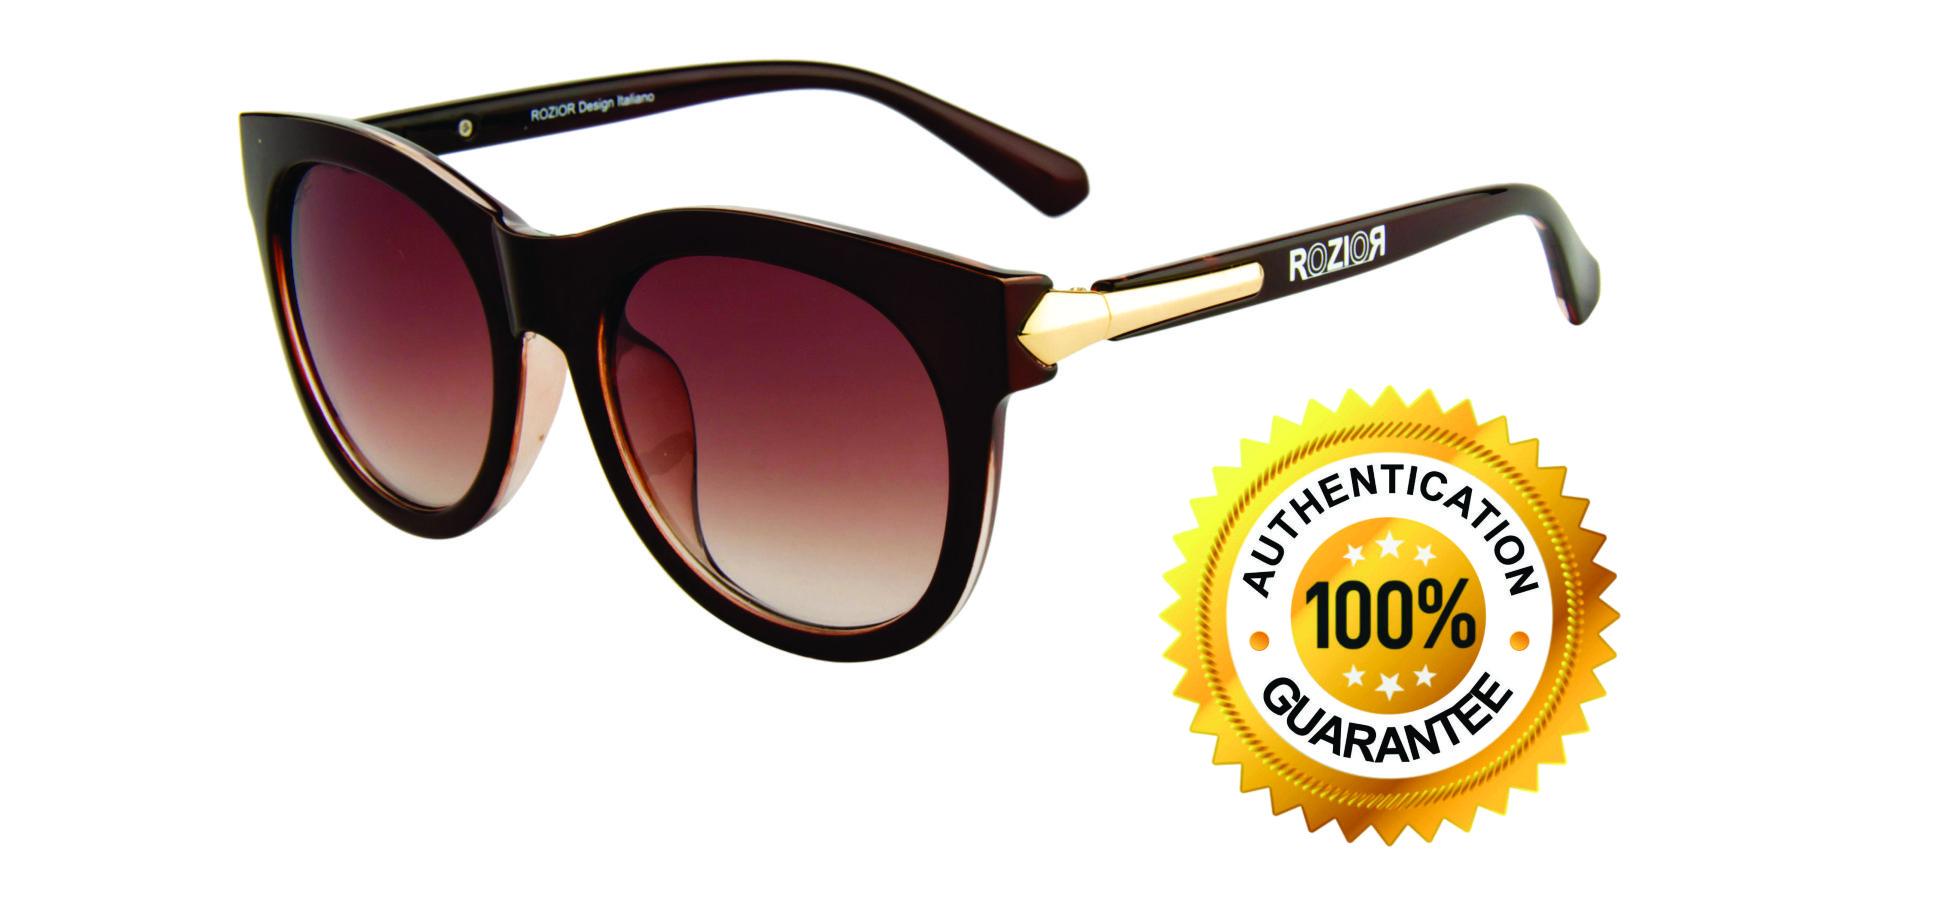 ROZIOR RWP1501C1 100% Authentic